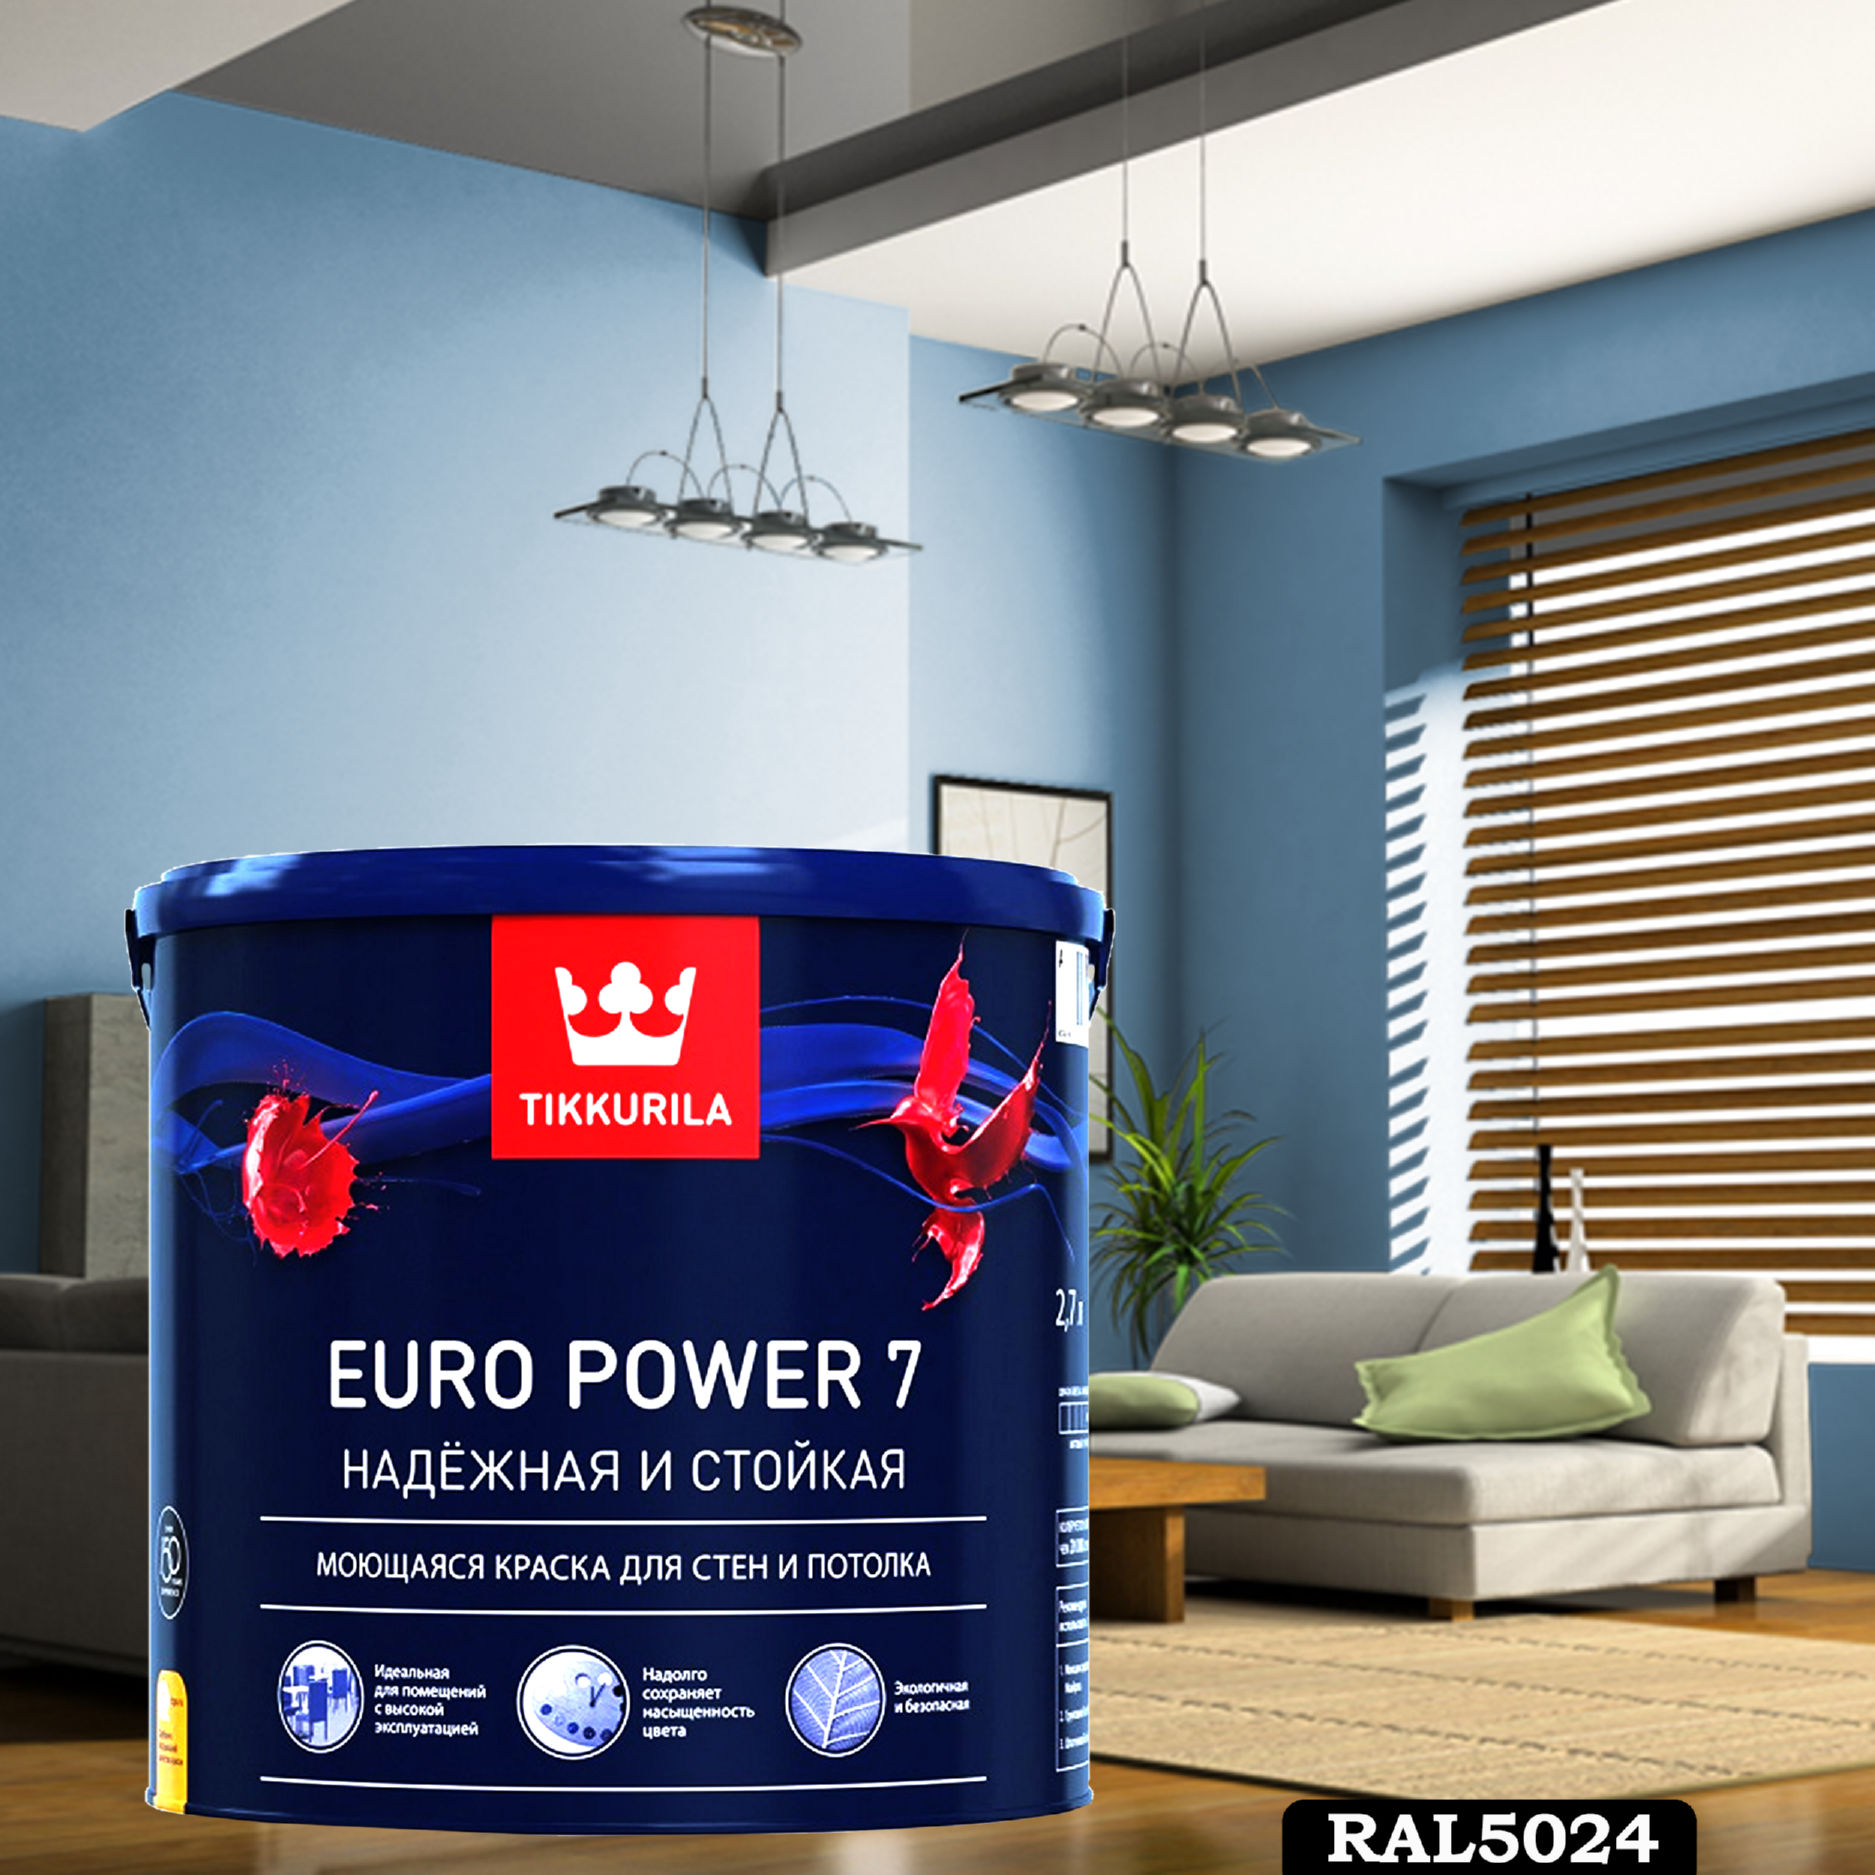 Фото 23 - Краска TIKKURILA Euro Power 7,  RAL 5024 Пастельно-синий, латексная моющаяся матовая интерьерная, 9 л.